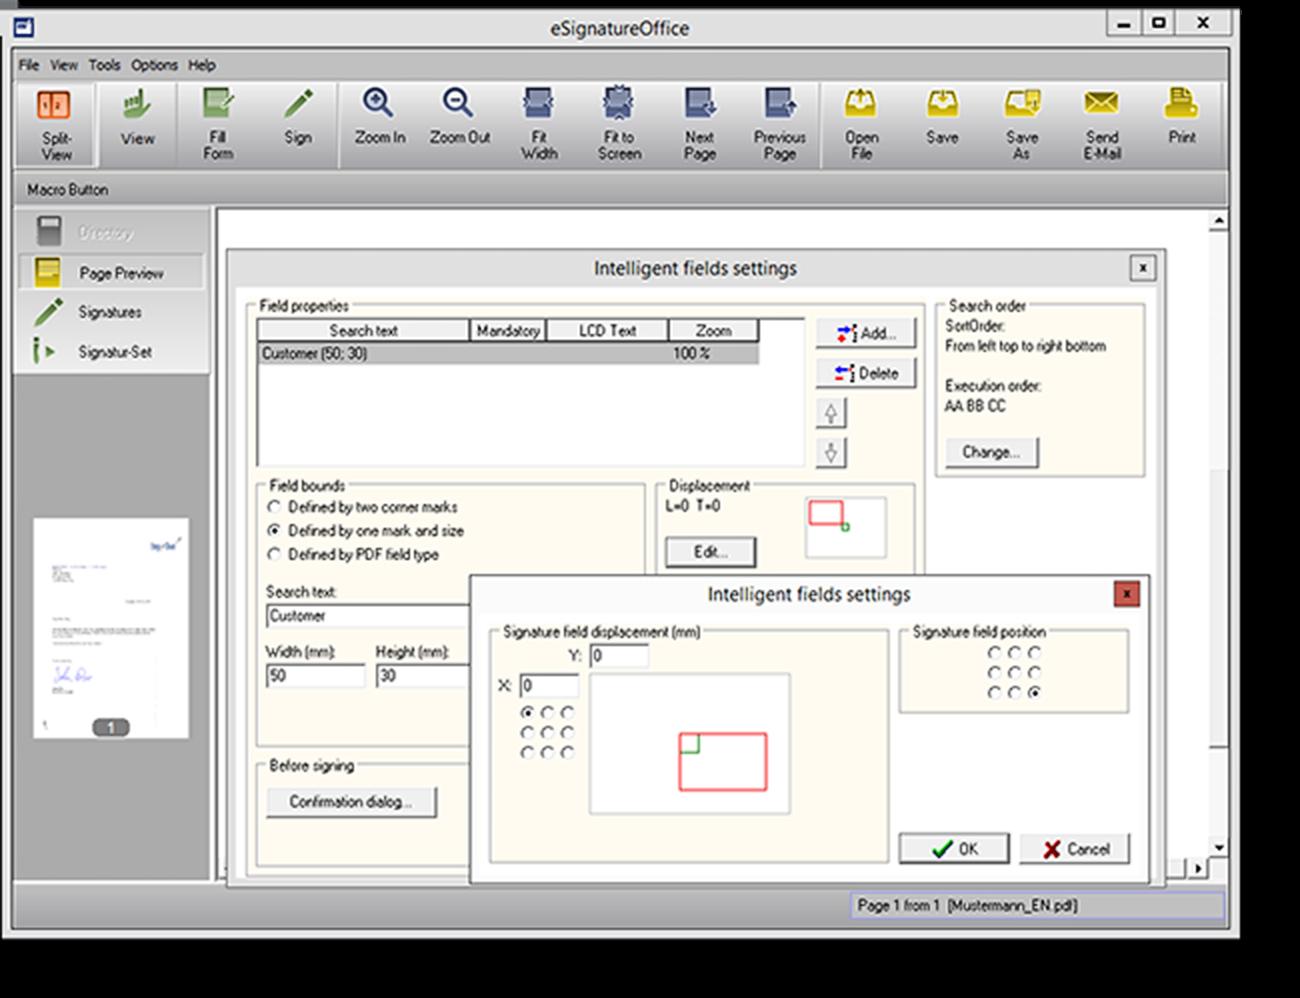 eSignatureOffice-Signature-solution-Signature-software-eSignatureOffice-2